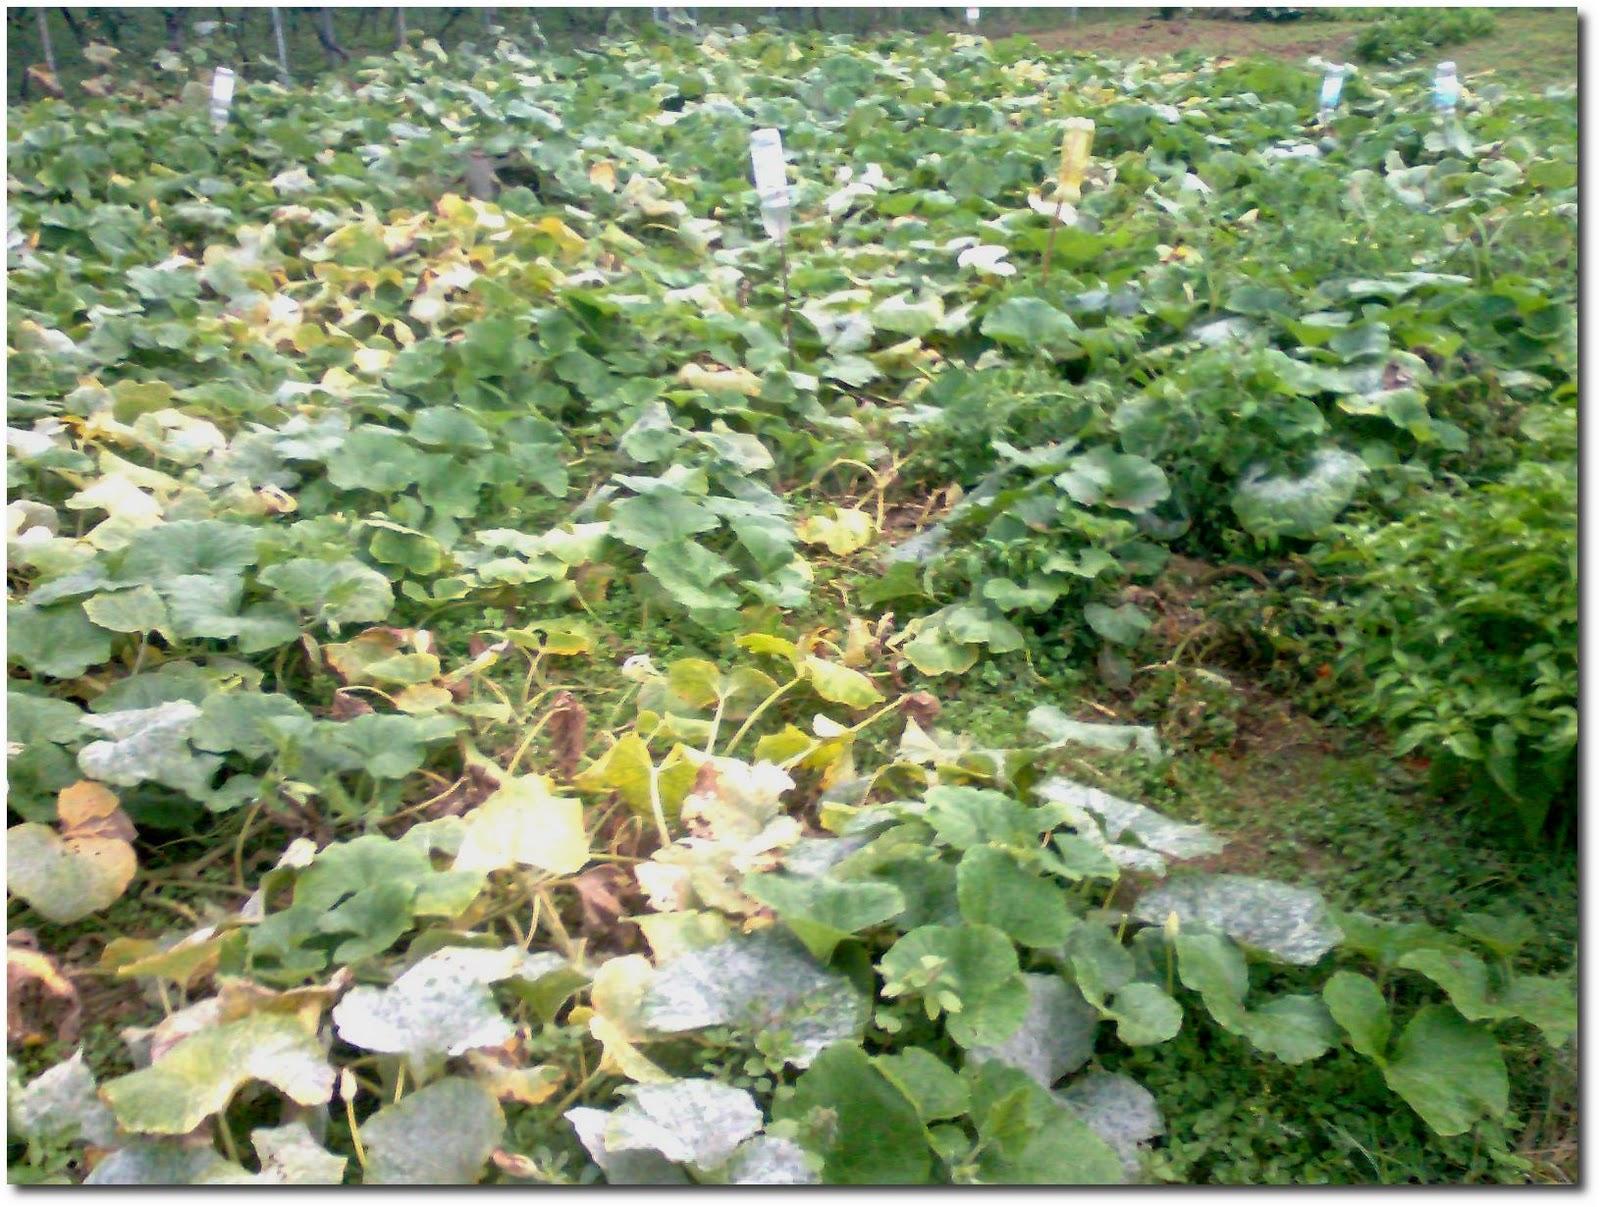 Piante Di Zucca : Frutta e verdura dal campo dica trentatrè